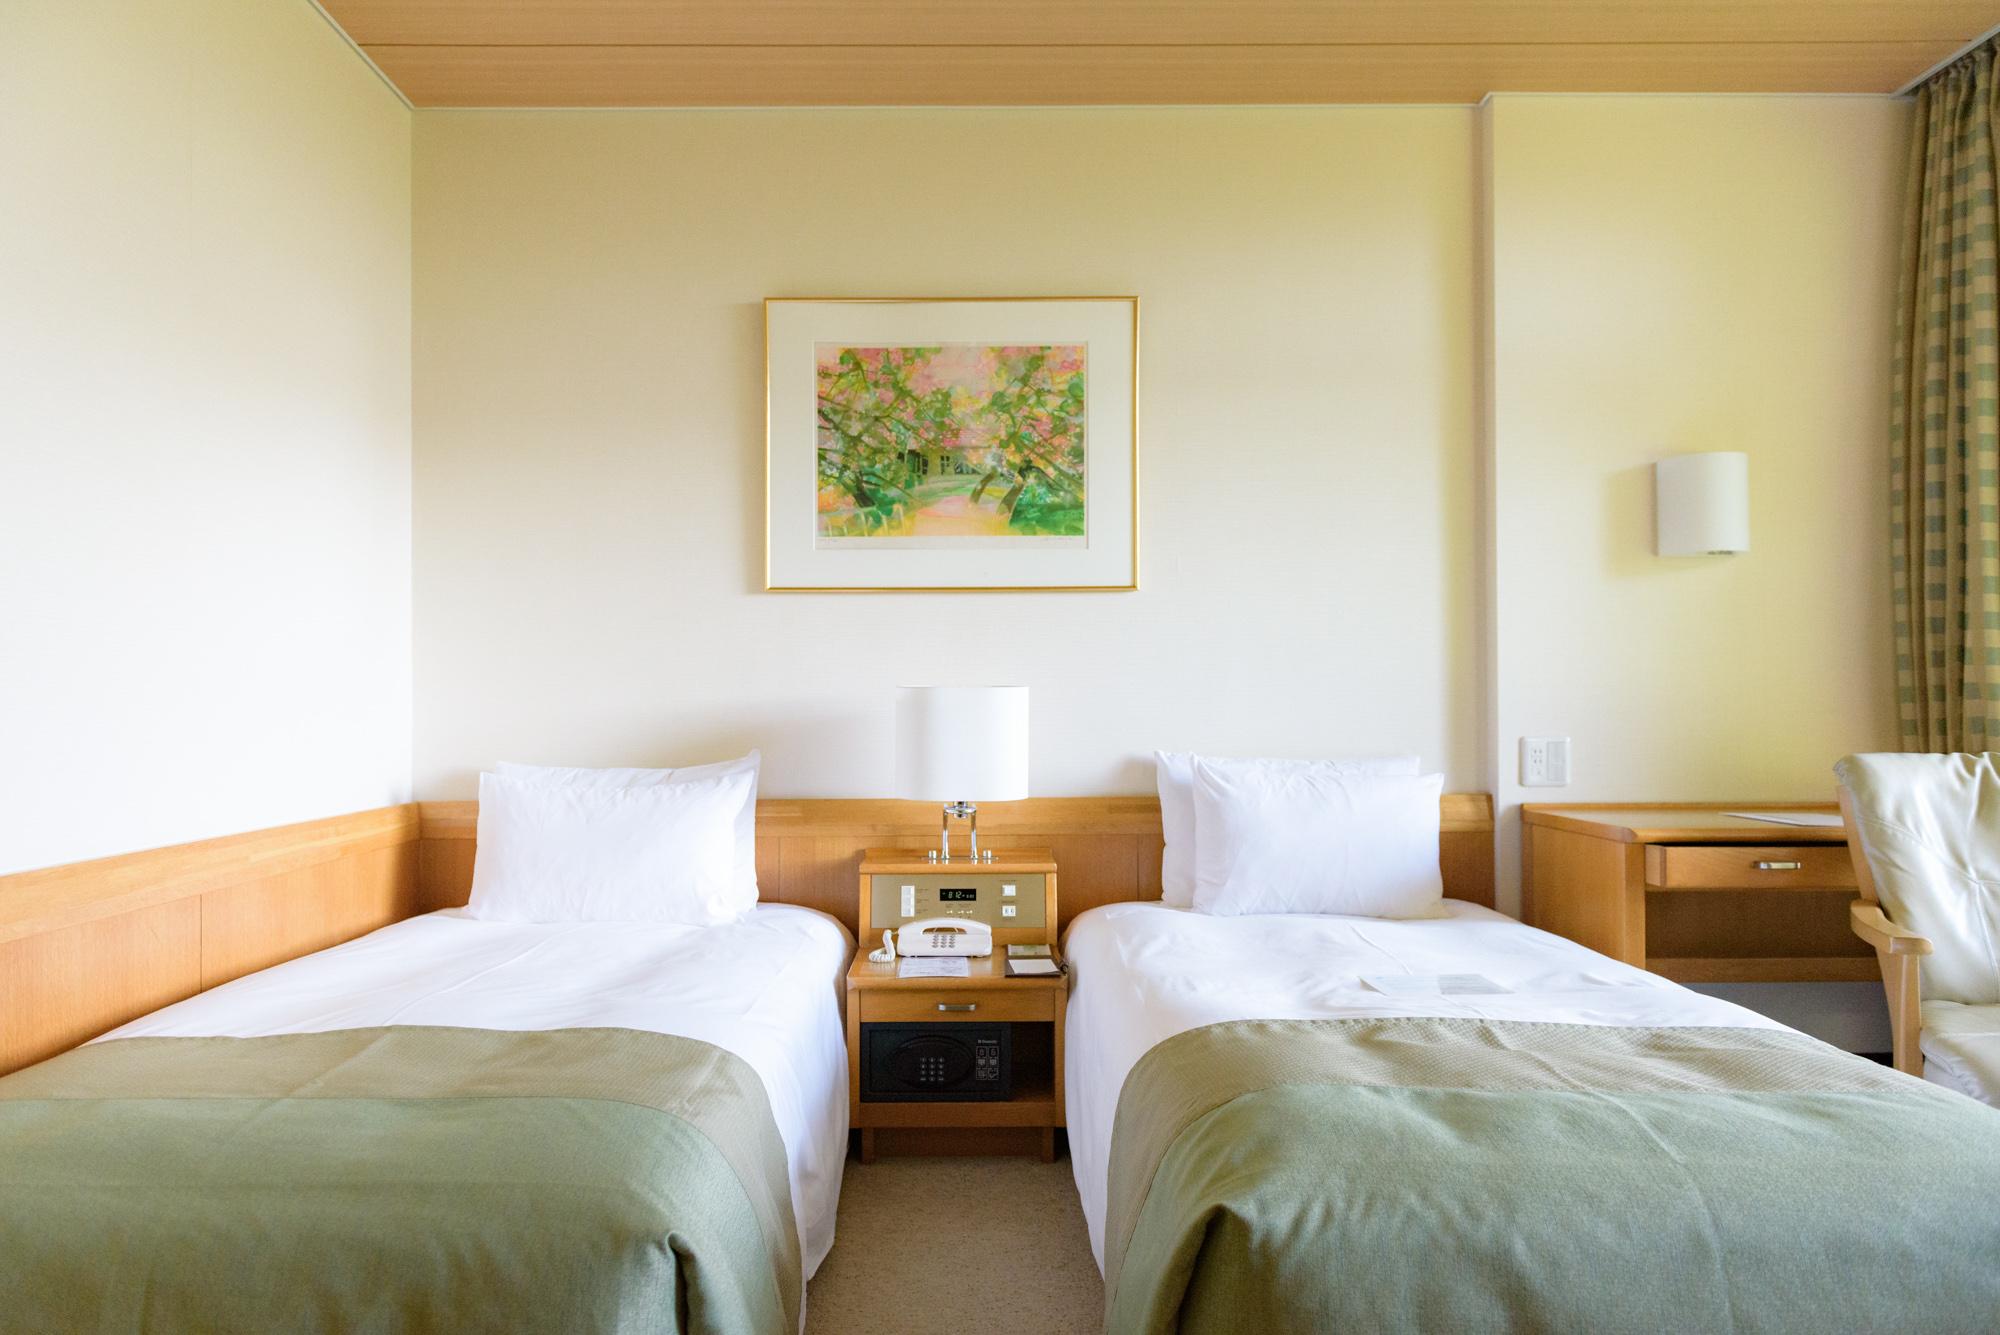 รีวิว Karuizawa Prince Hotel West ห้องพักกระท่อมไม้ใต้